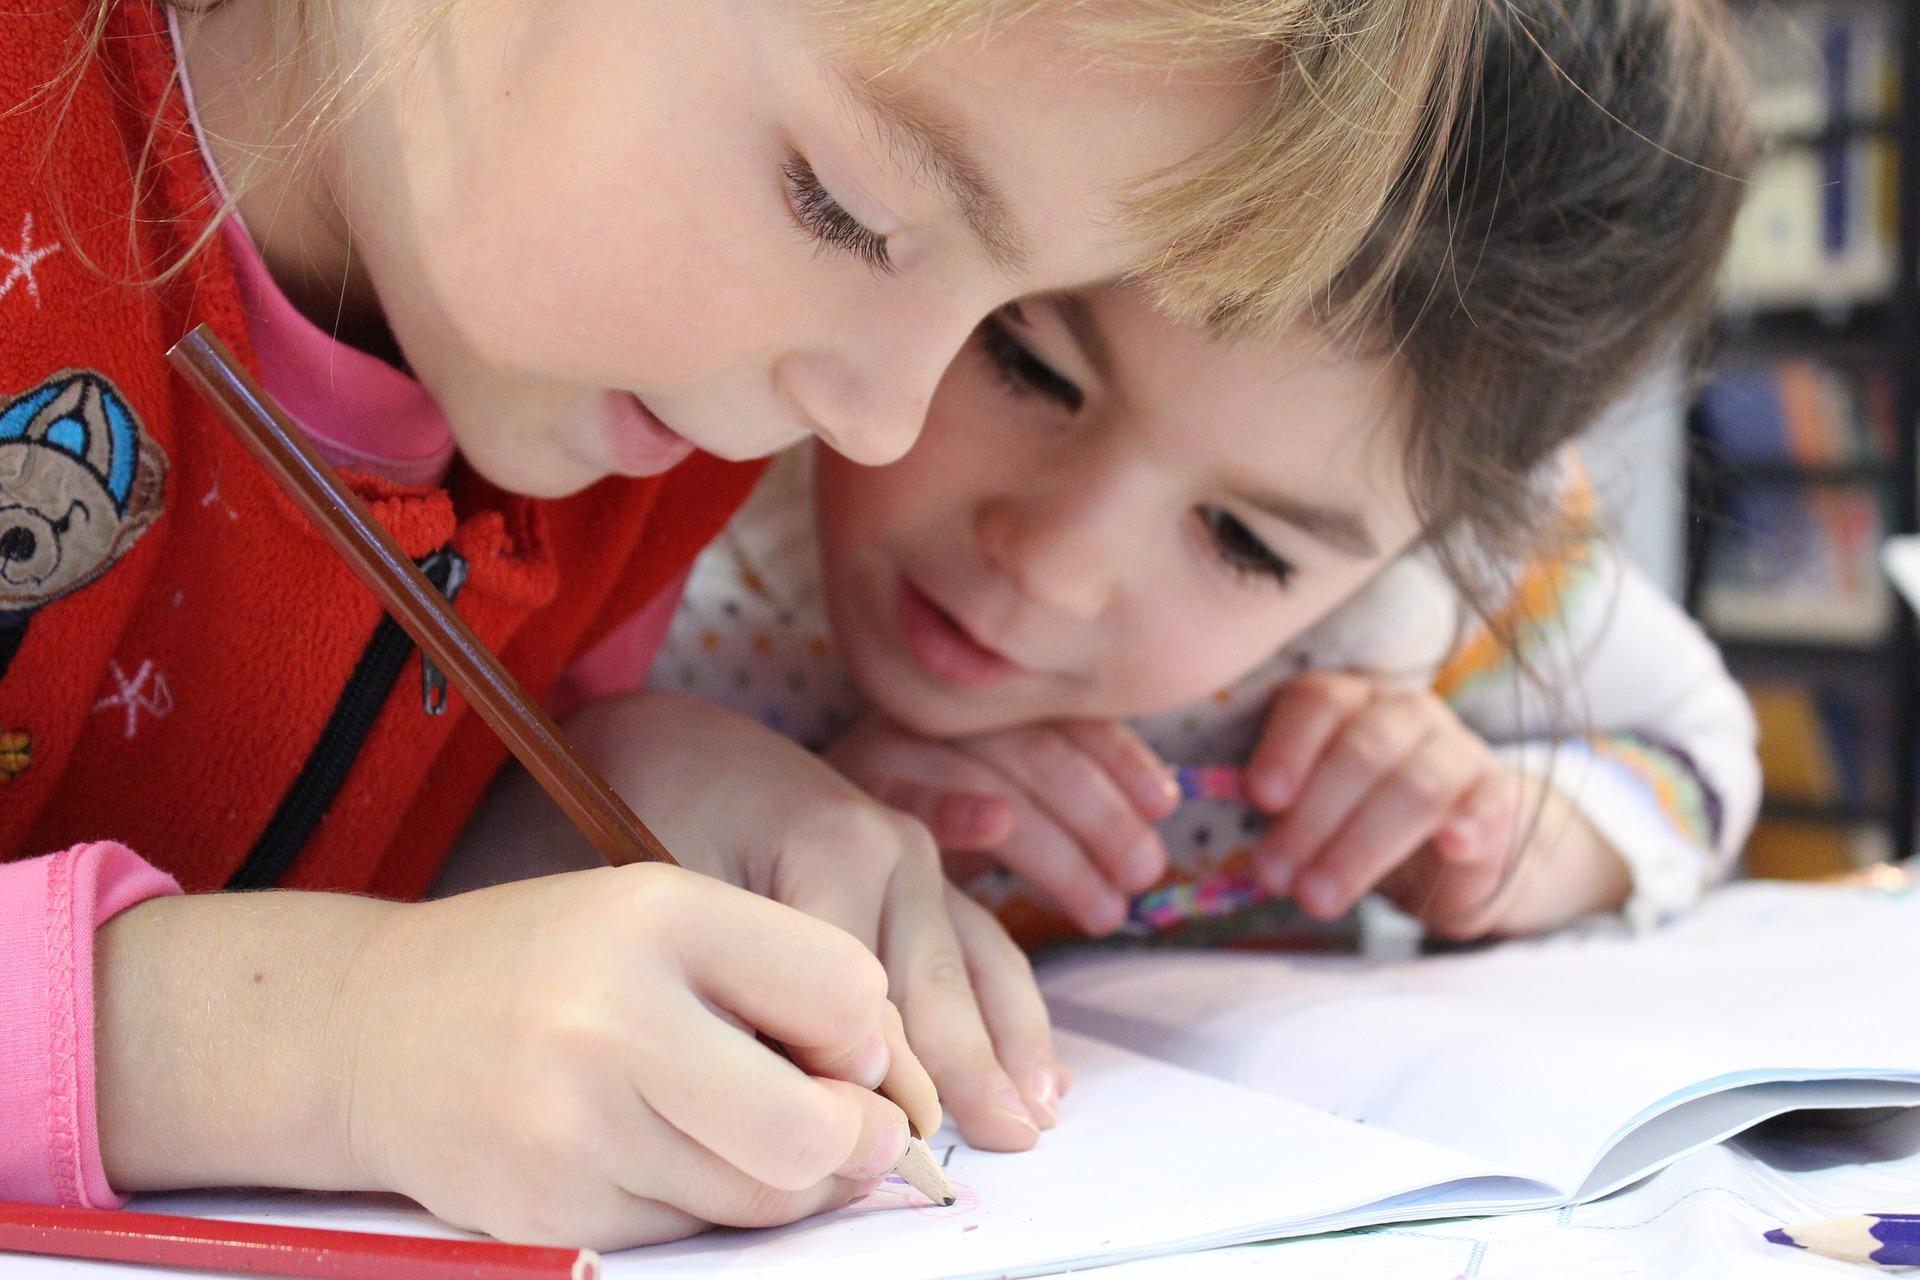 Cho bé học bảng chữ cái tiếng Anh bằng các cuốn sách cũng là một phương pháp học vô cùng hiệu quả